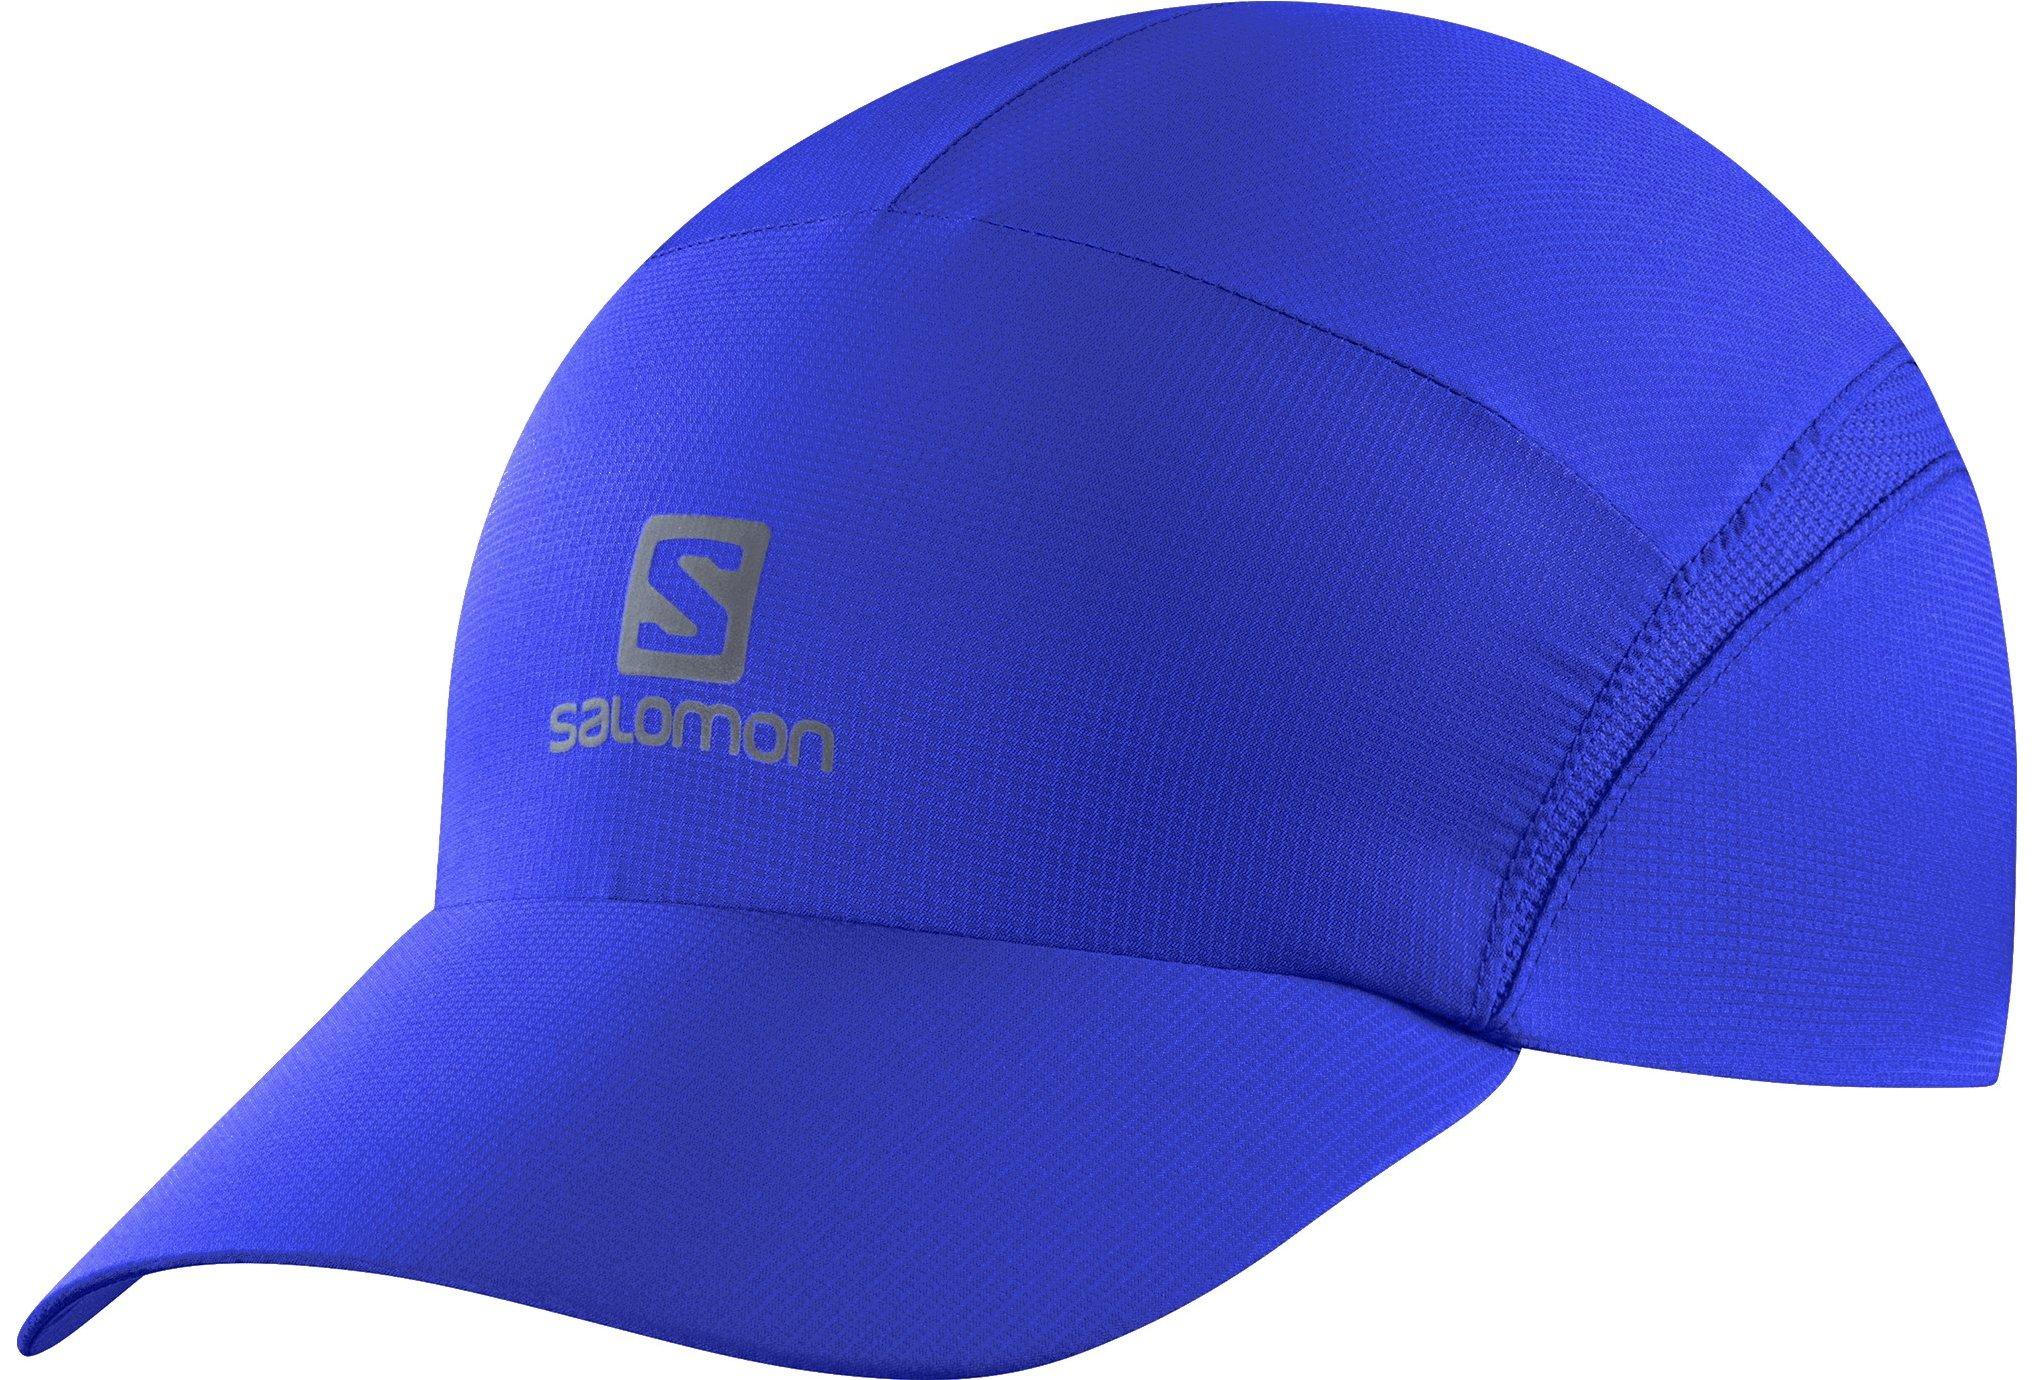 Salomon XA Casquettes / bandeaux